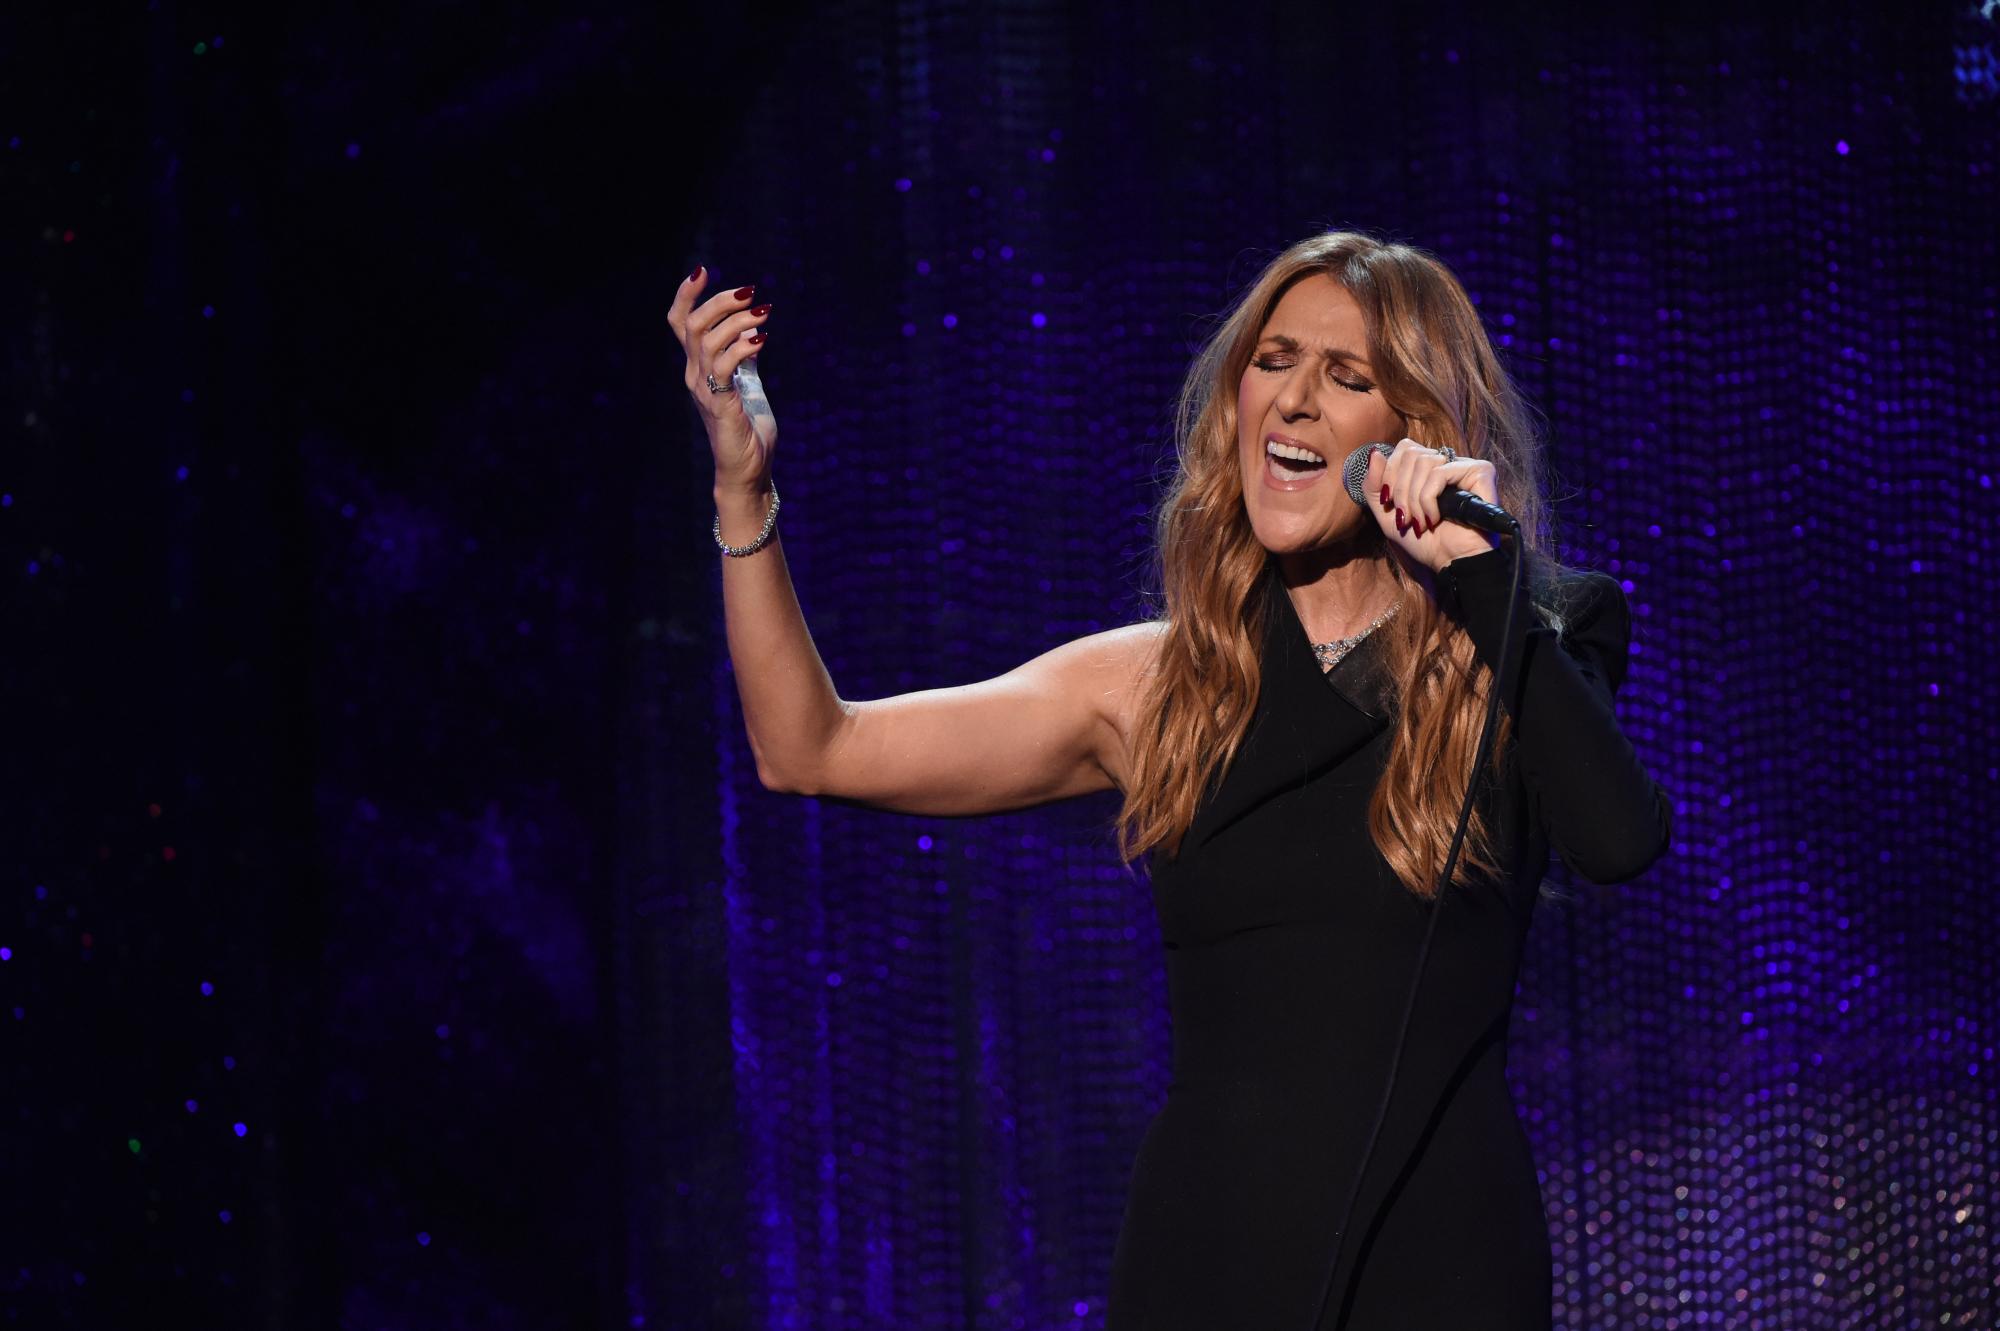 Celine Dion performs in Las Vegas, on Dec. 6, 2015.